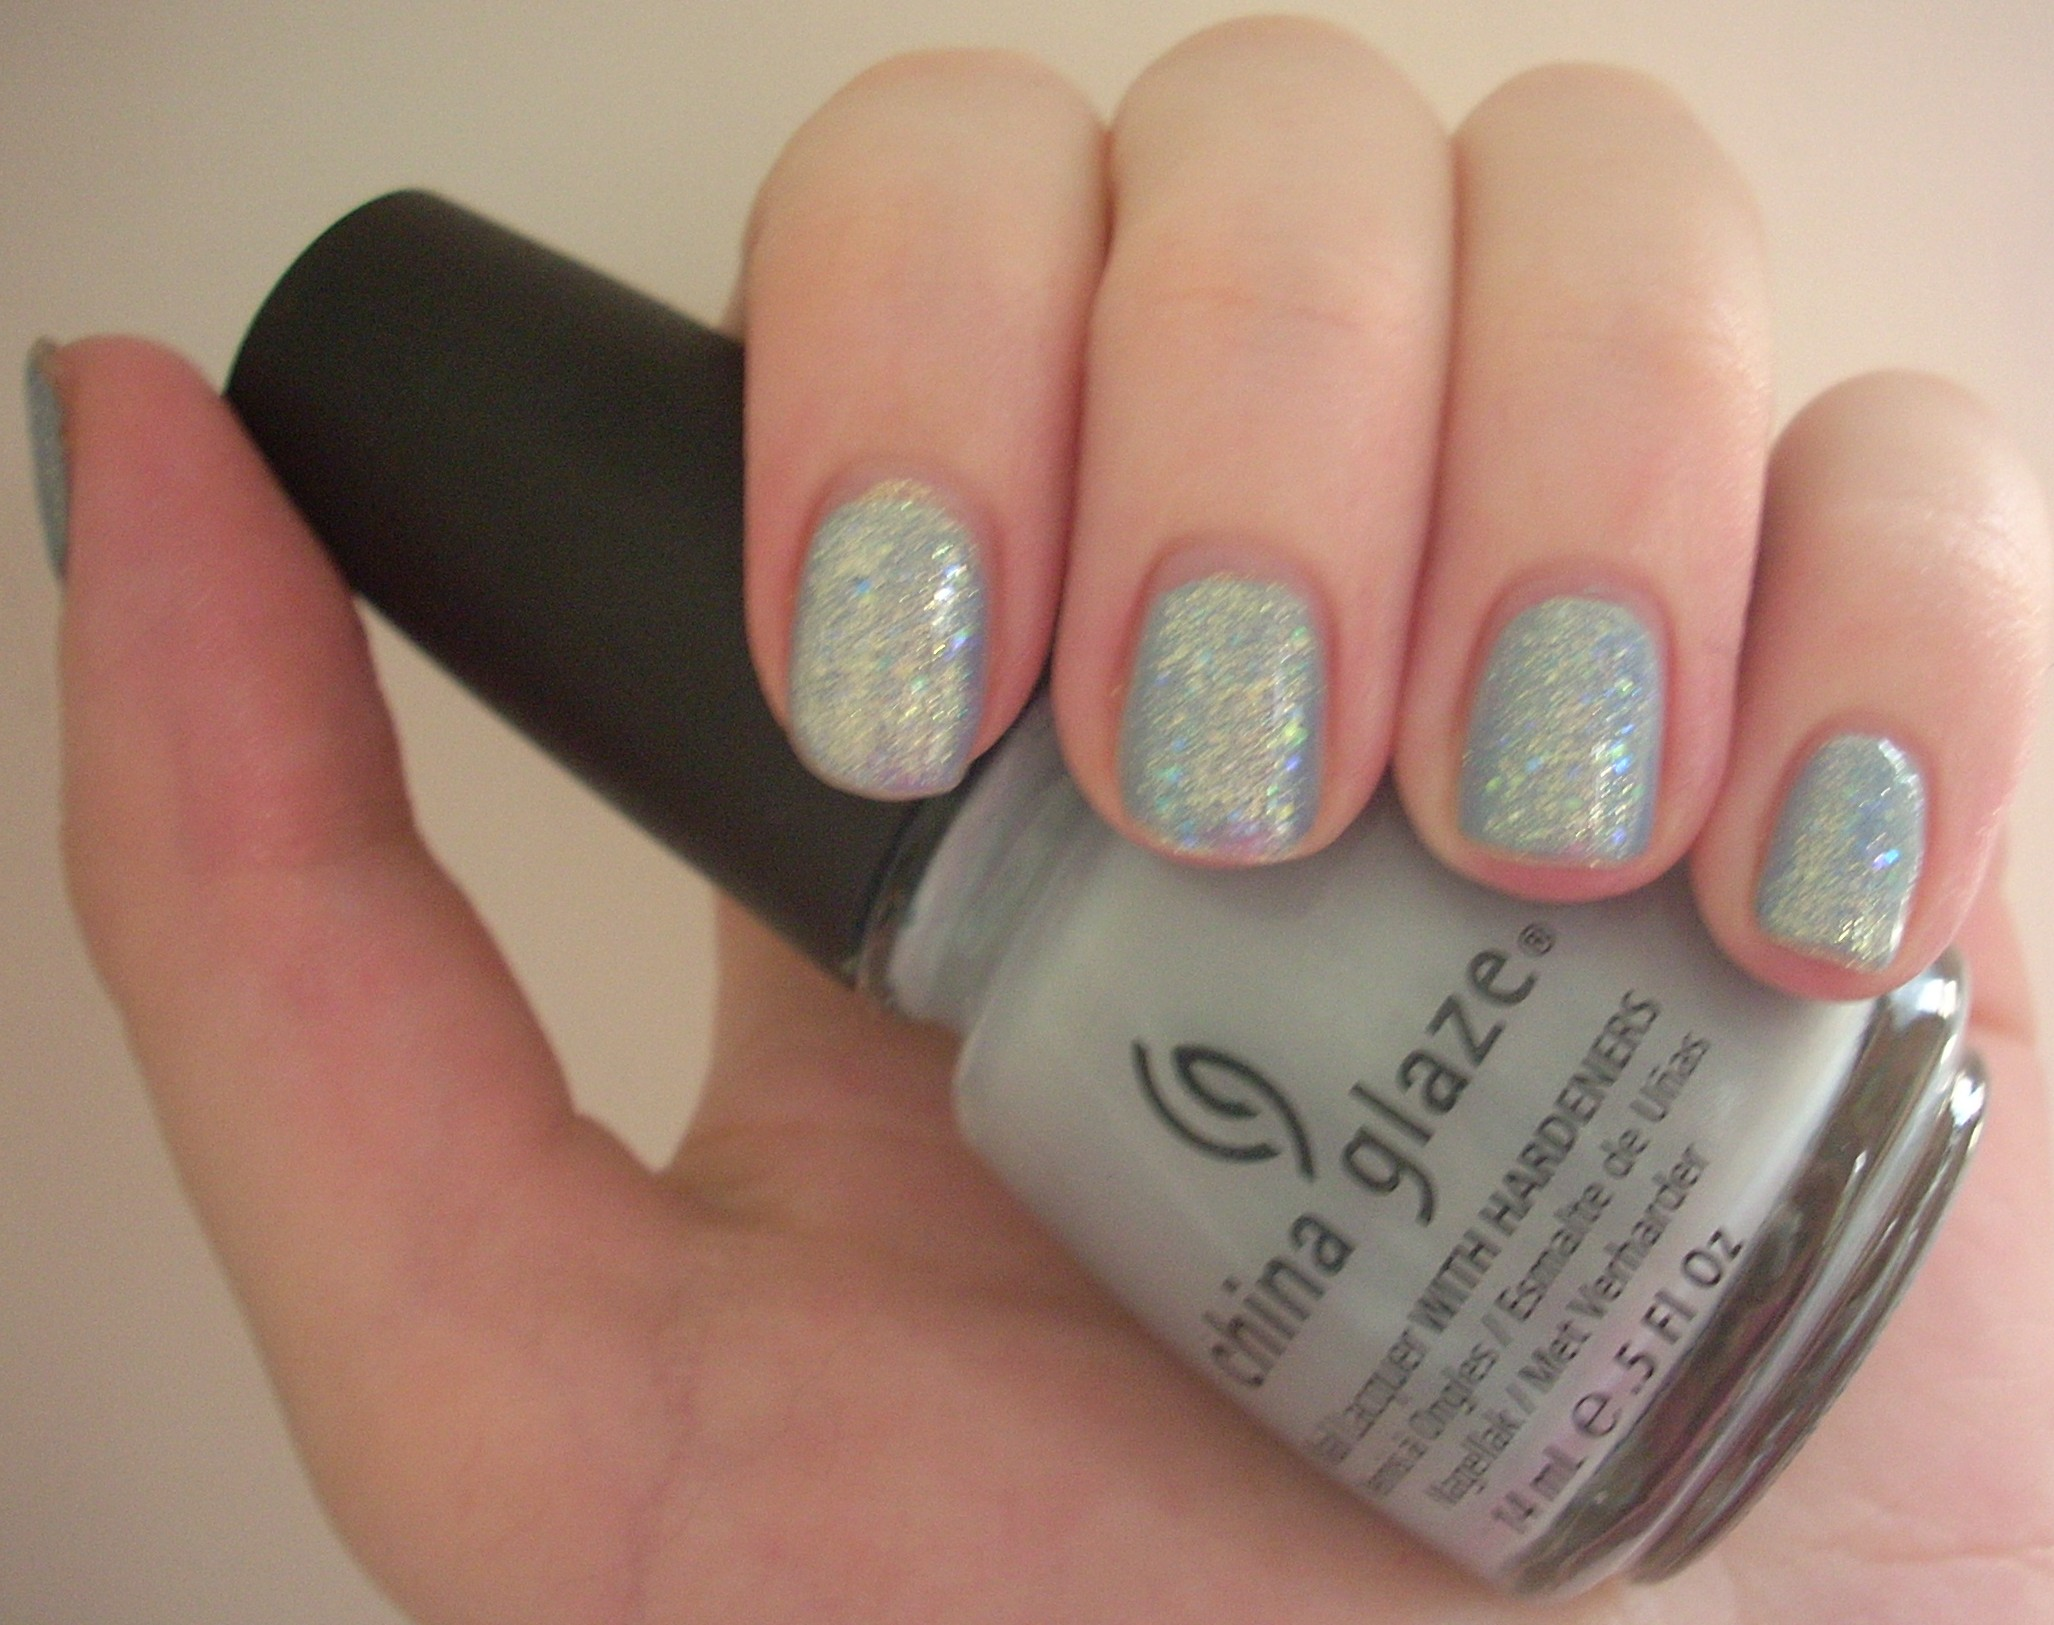 Spray on nail polish china glaze nail spray reviews - Looks